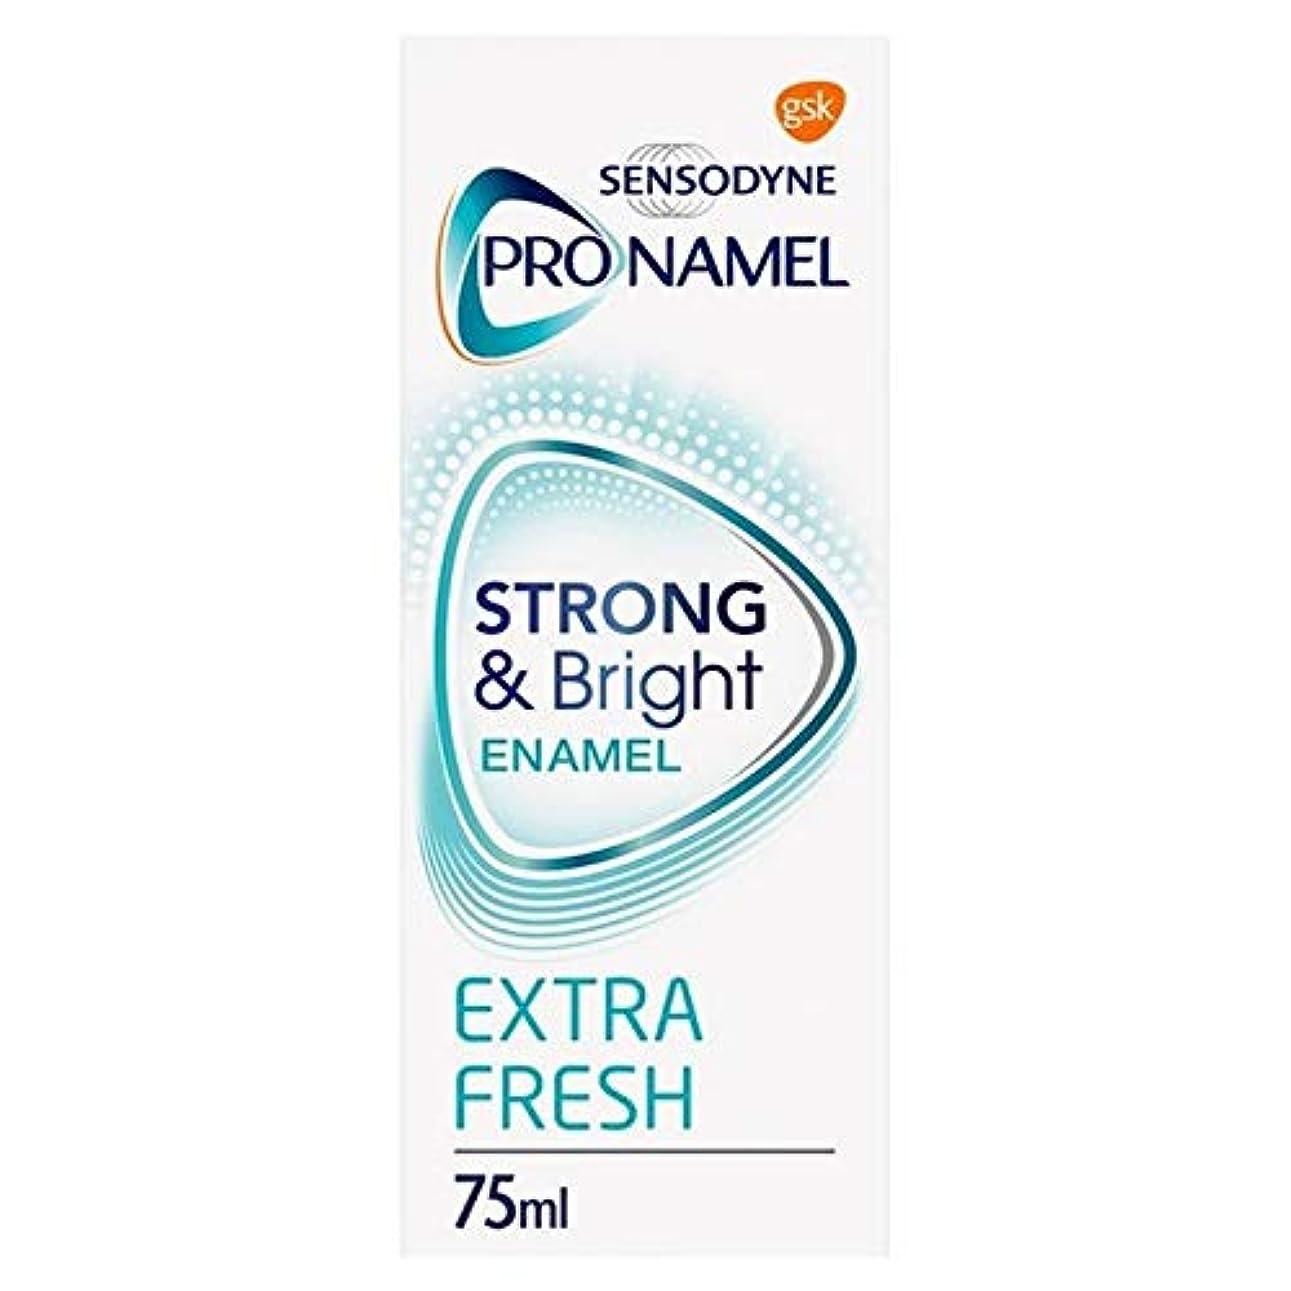 租界スペイングッゲンハイム美術館[Sensodyne] SensodyneのPronamel強い&ブライト歯磨き粉75ミリリットル - Sensodyne Pronamel Strong & Bright Toothpaste 75ml [並行輸入品]